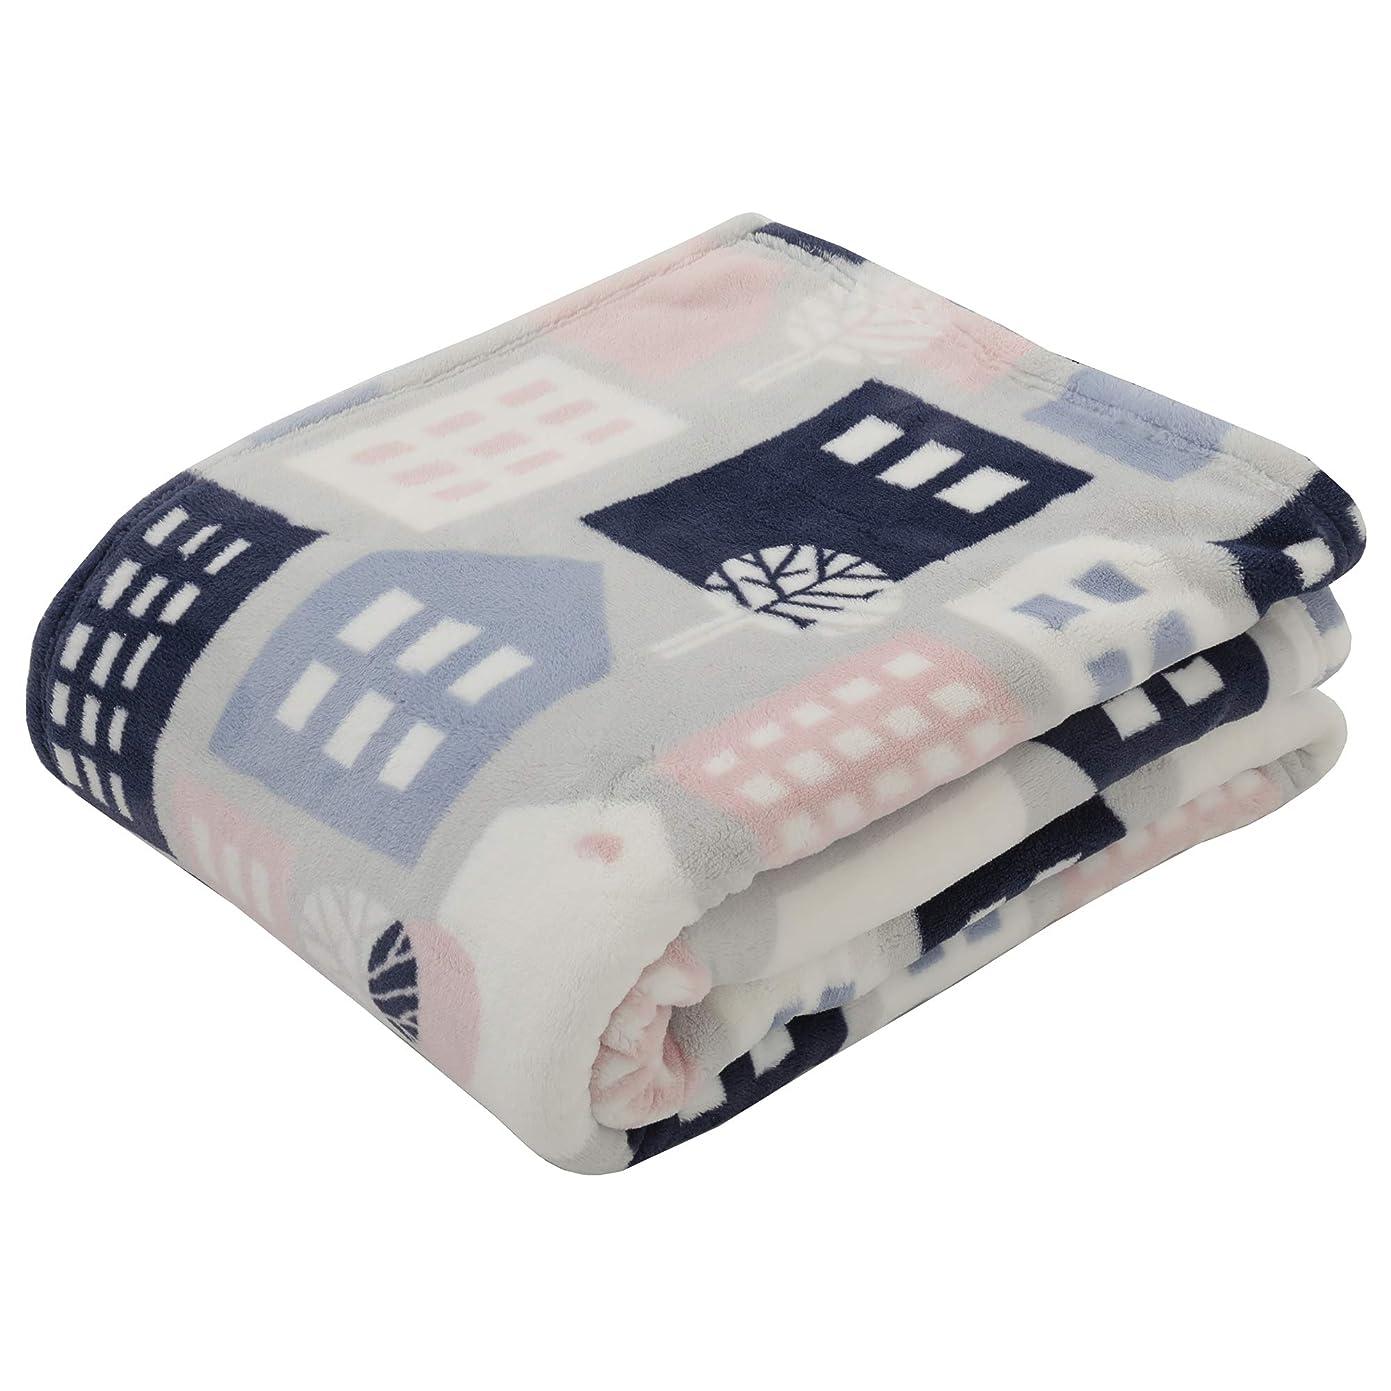 ことわざスパイラル計器東京西川 毛布 ピンク シングル フィンレイソン タロット(街並み)柄 すべすべ 軽量 FQ08505035P